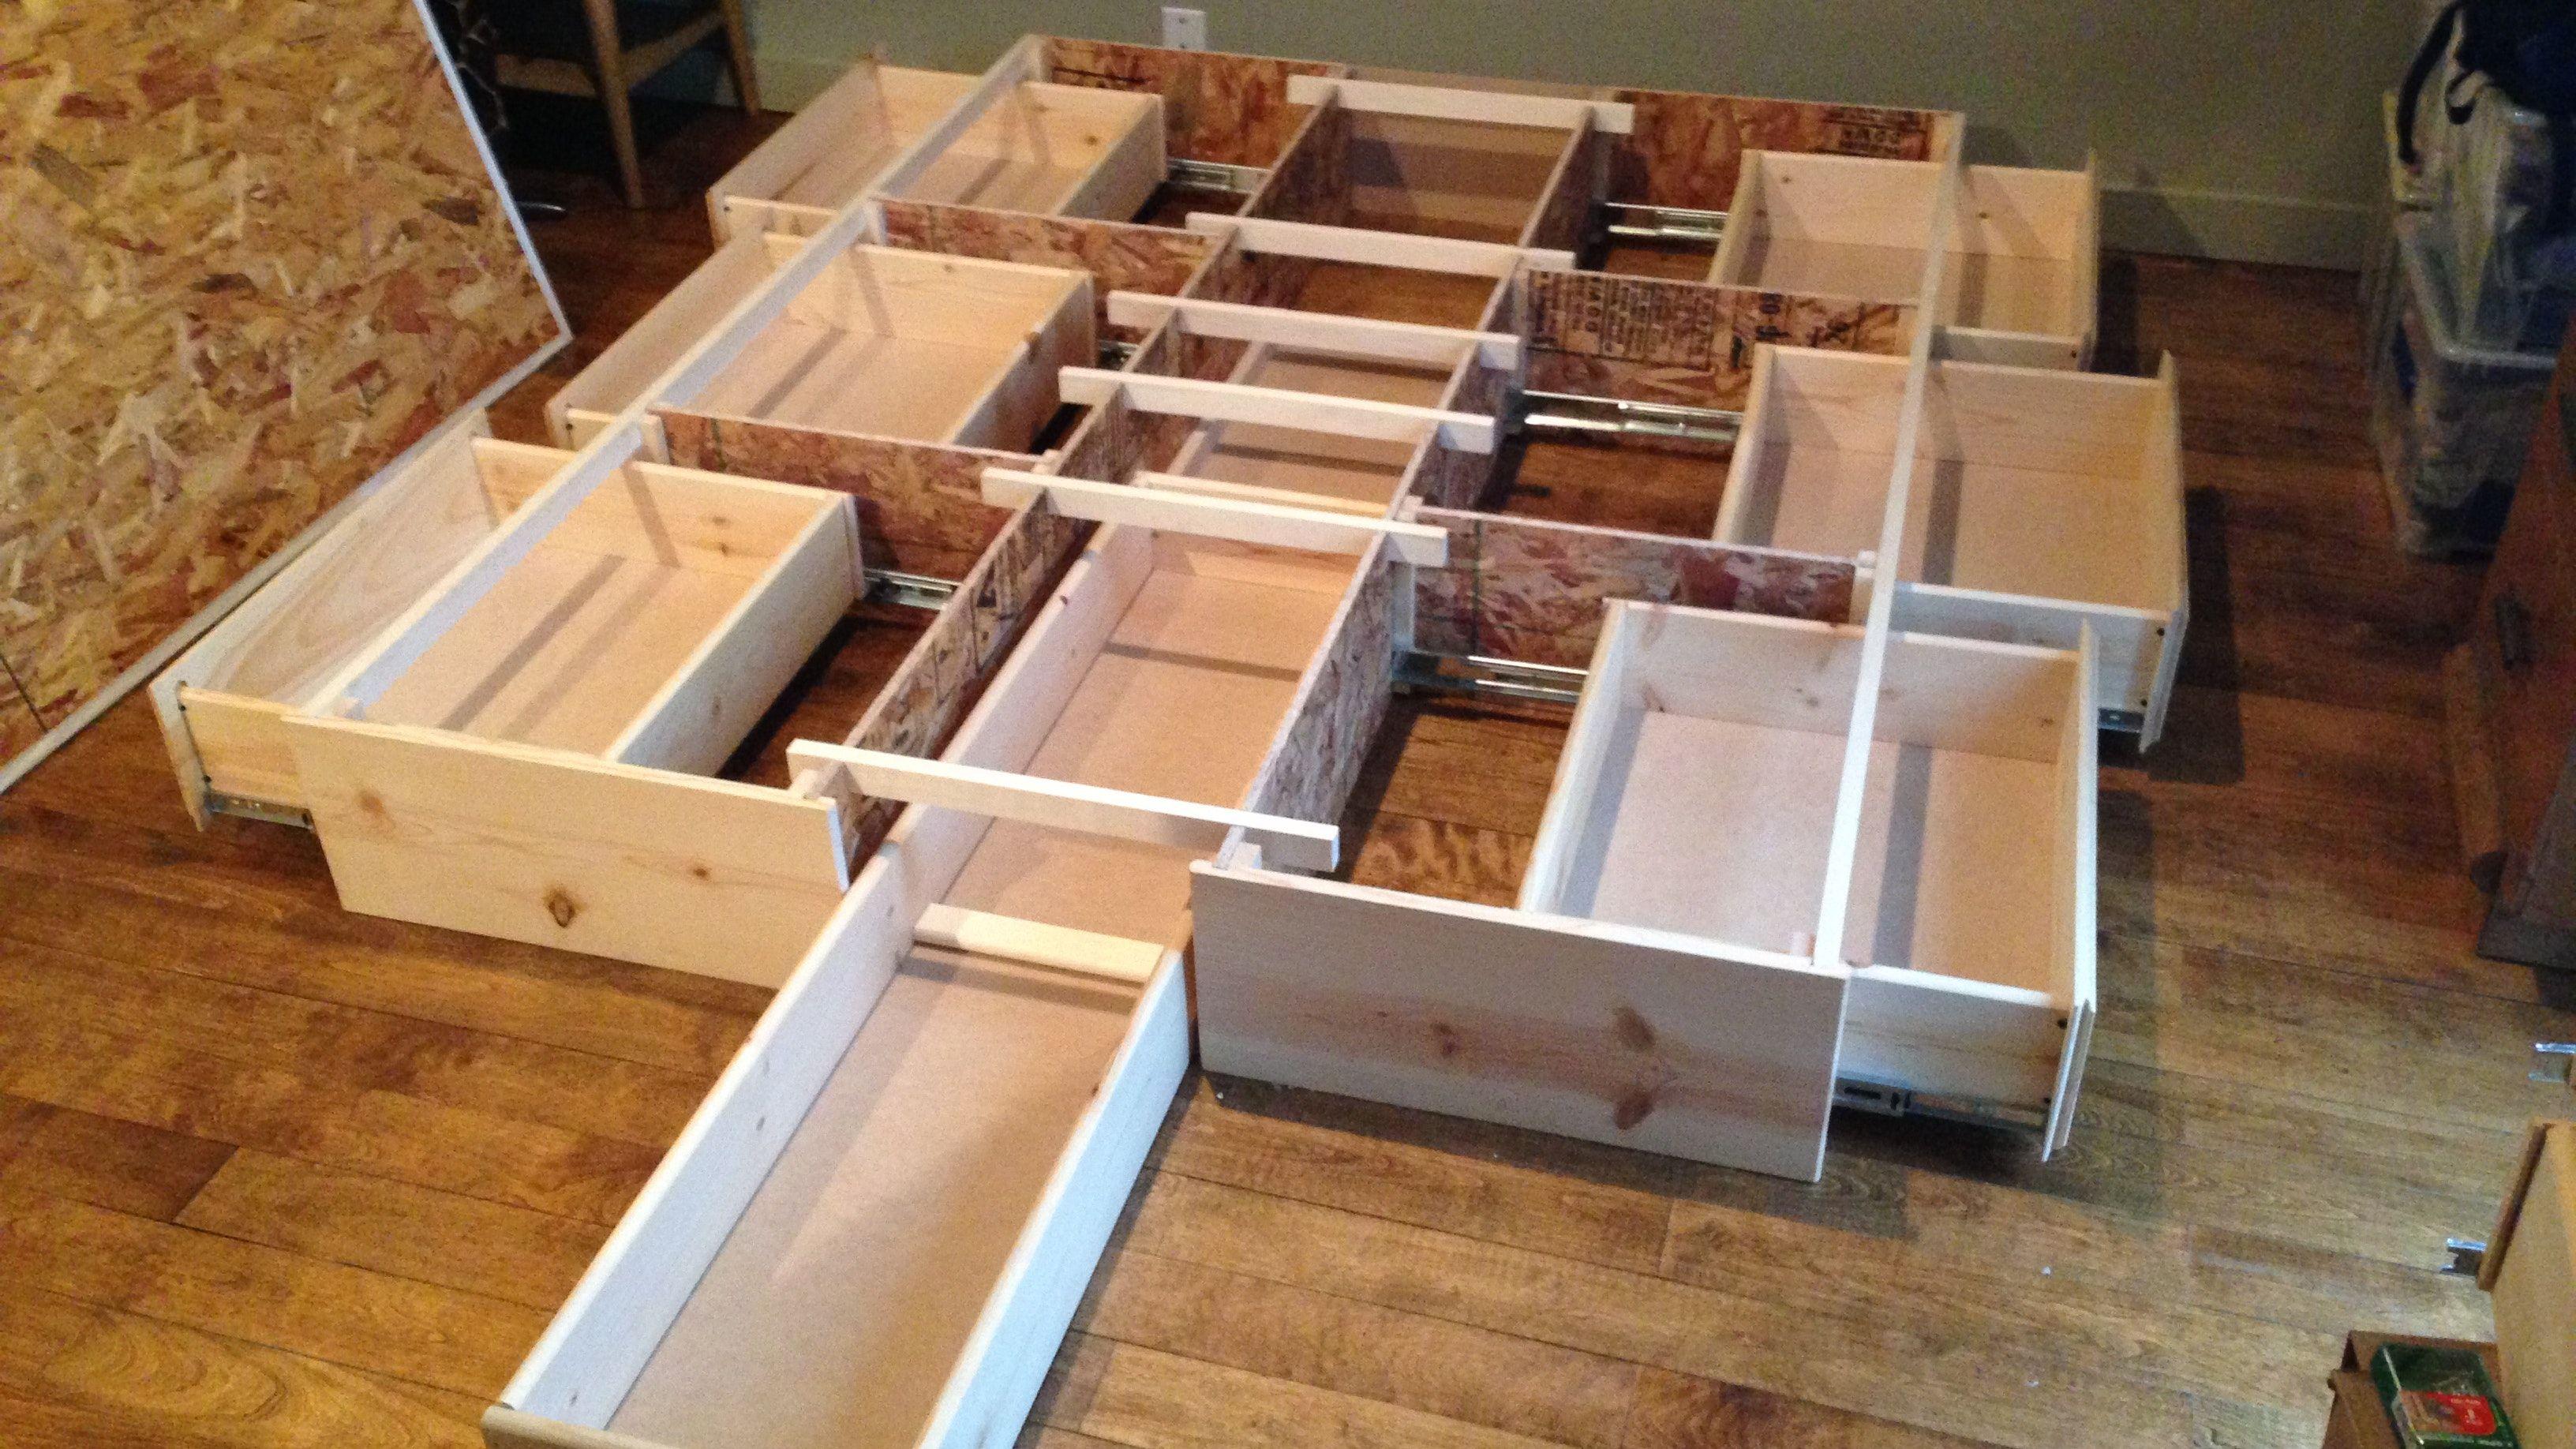 Best queen storage bedframe, new, pine, 7 Drawer | Idées de lit, Rangement sous lit, Diy maison